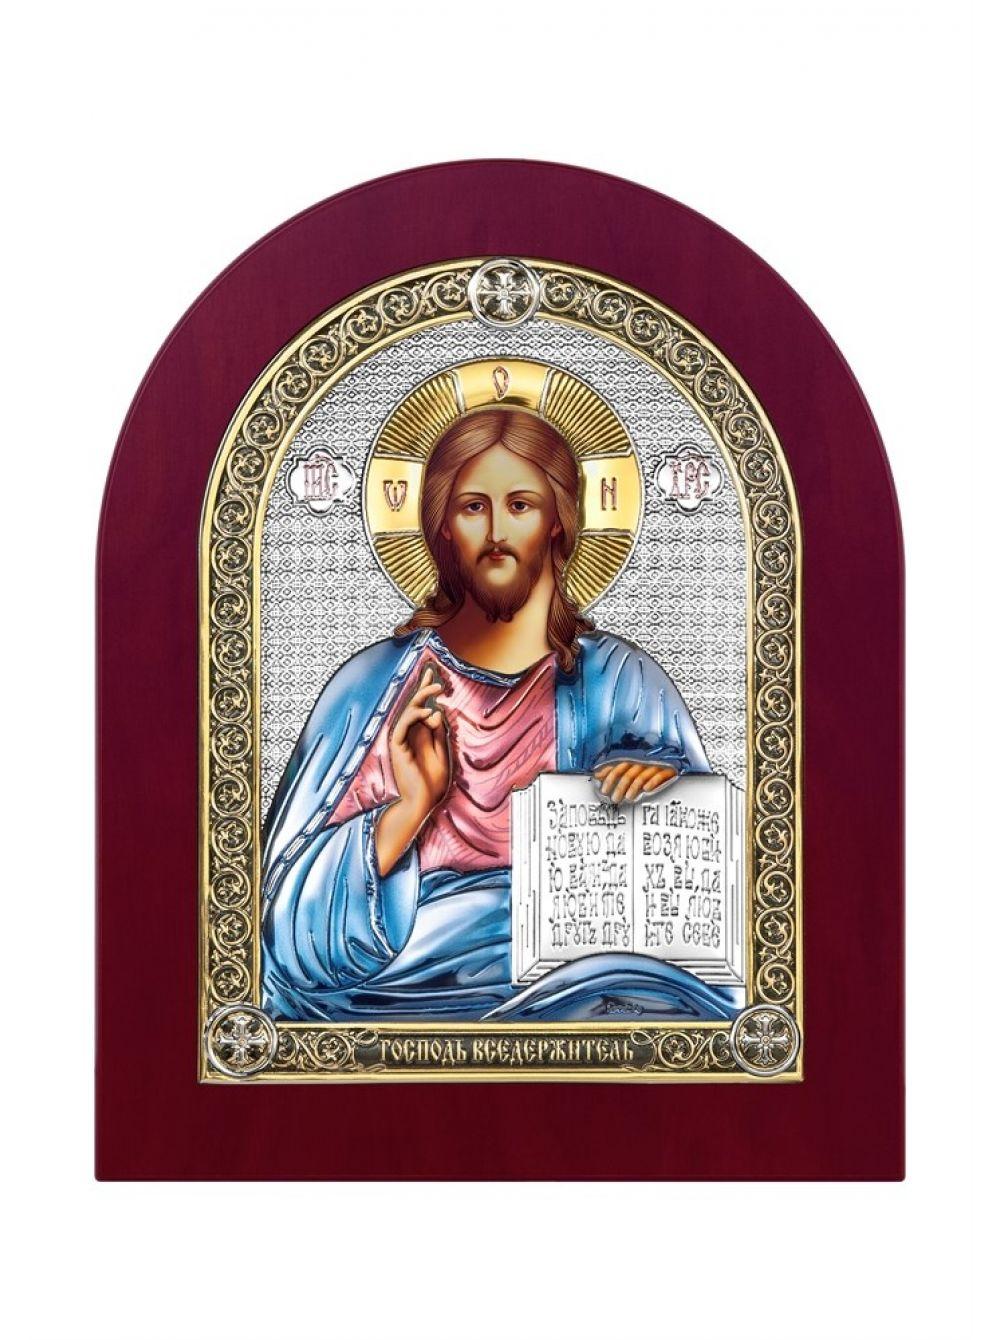 Икона с деревом, серебром 999 пробы и эмалью Христос Спаситель арт. ДПЭ-01 ХС ДПЭ-01 ХС